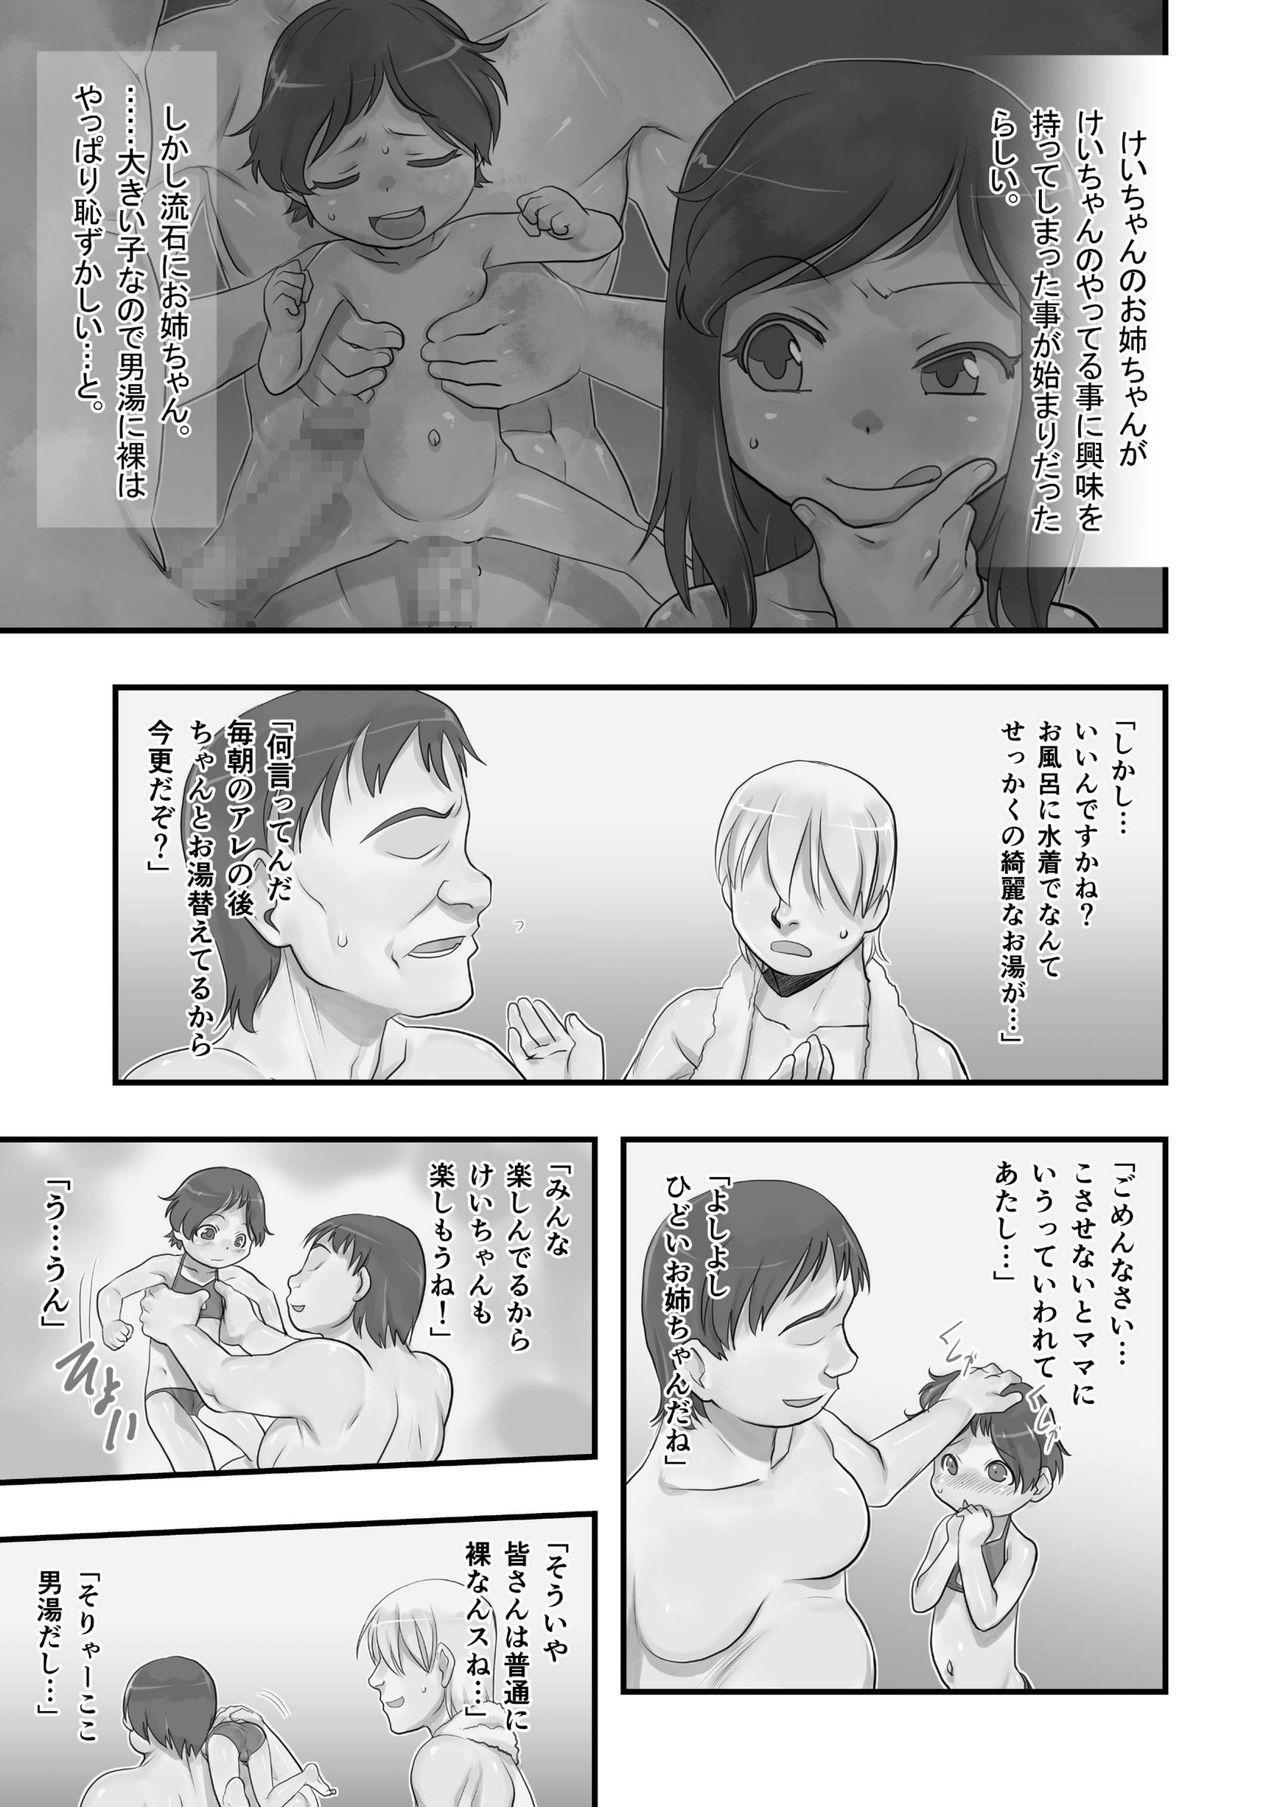 Ichiban Sentou 14